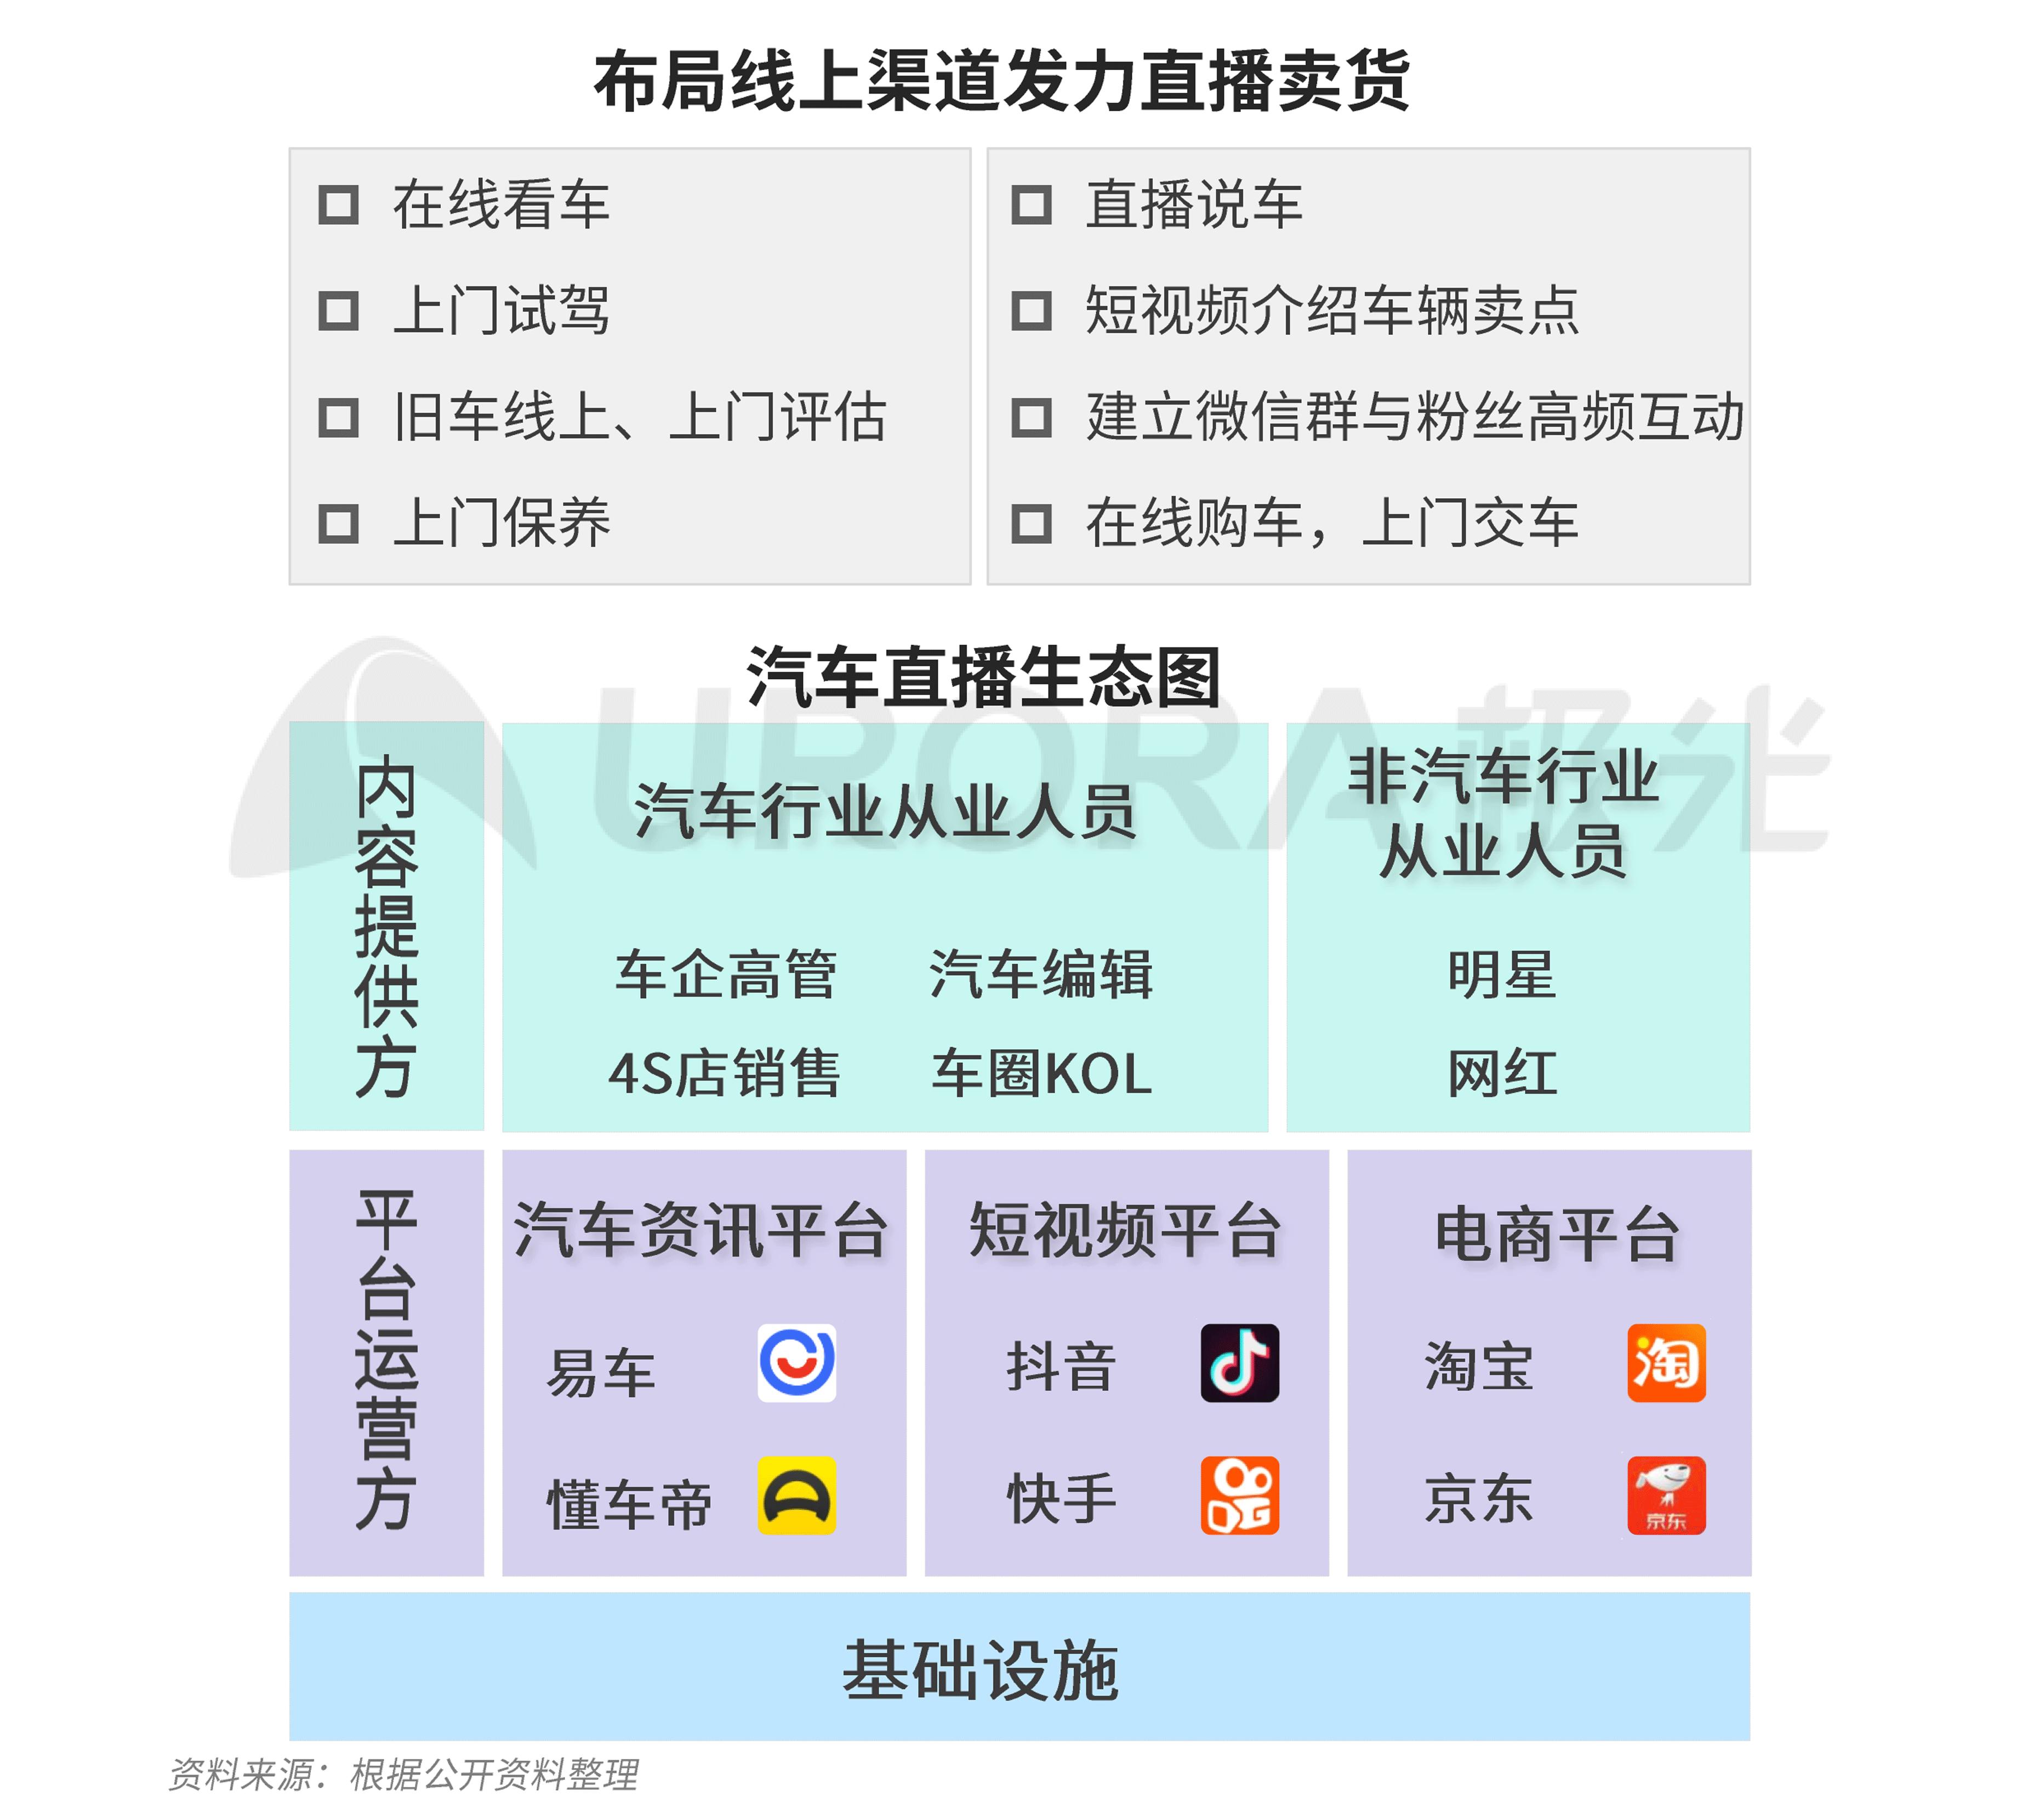 极光:汽车产业新格局 (5).png